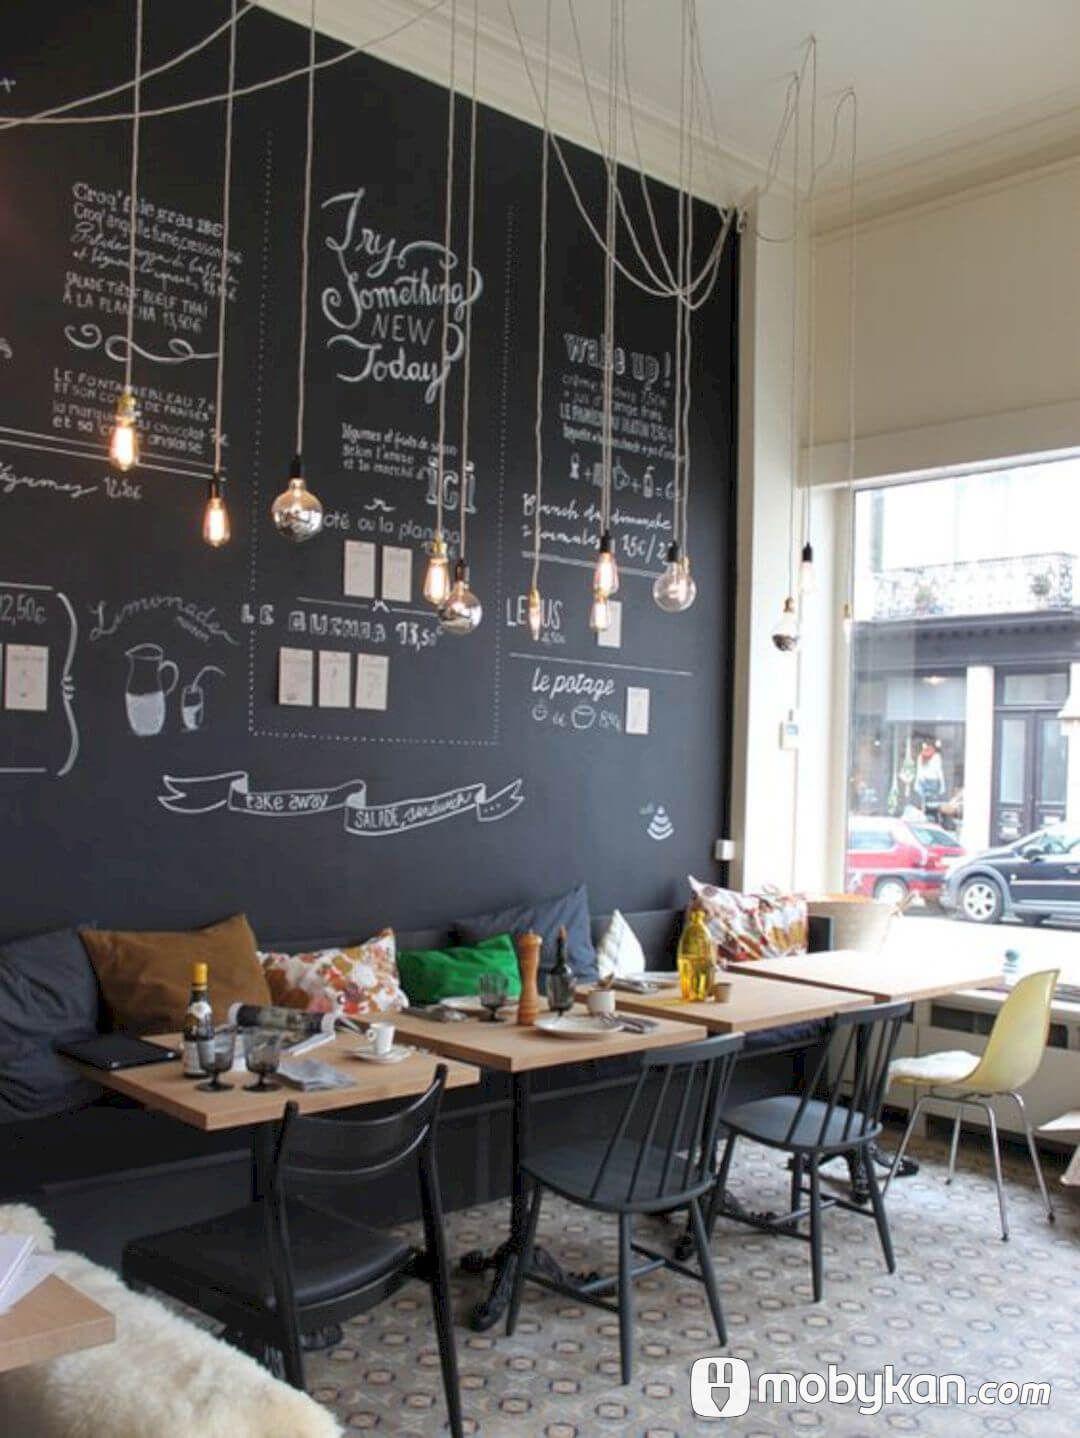 تصميمات ديكورات كافيهات مبتكرة تخطف الانظار Cafe Interior Design